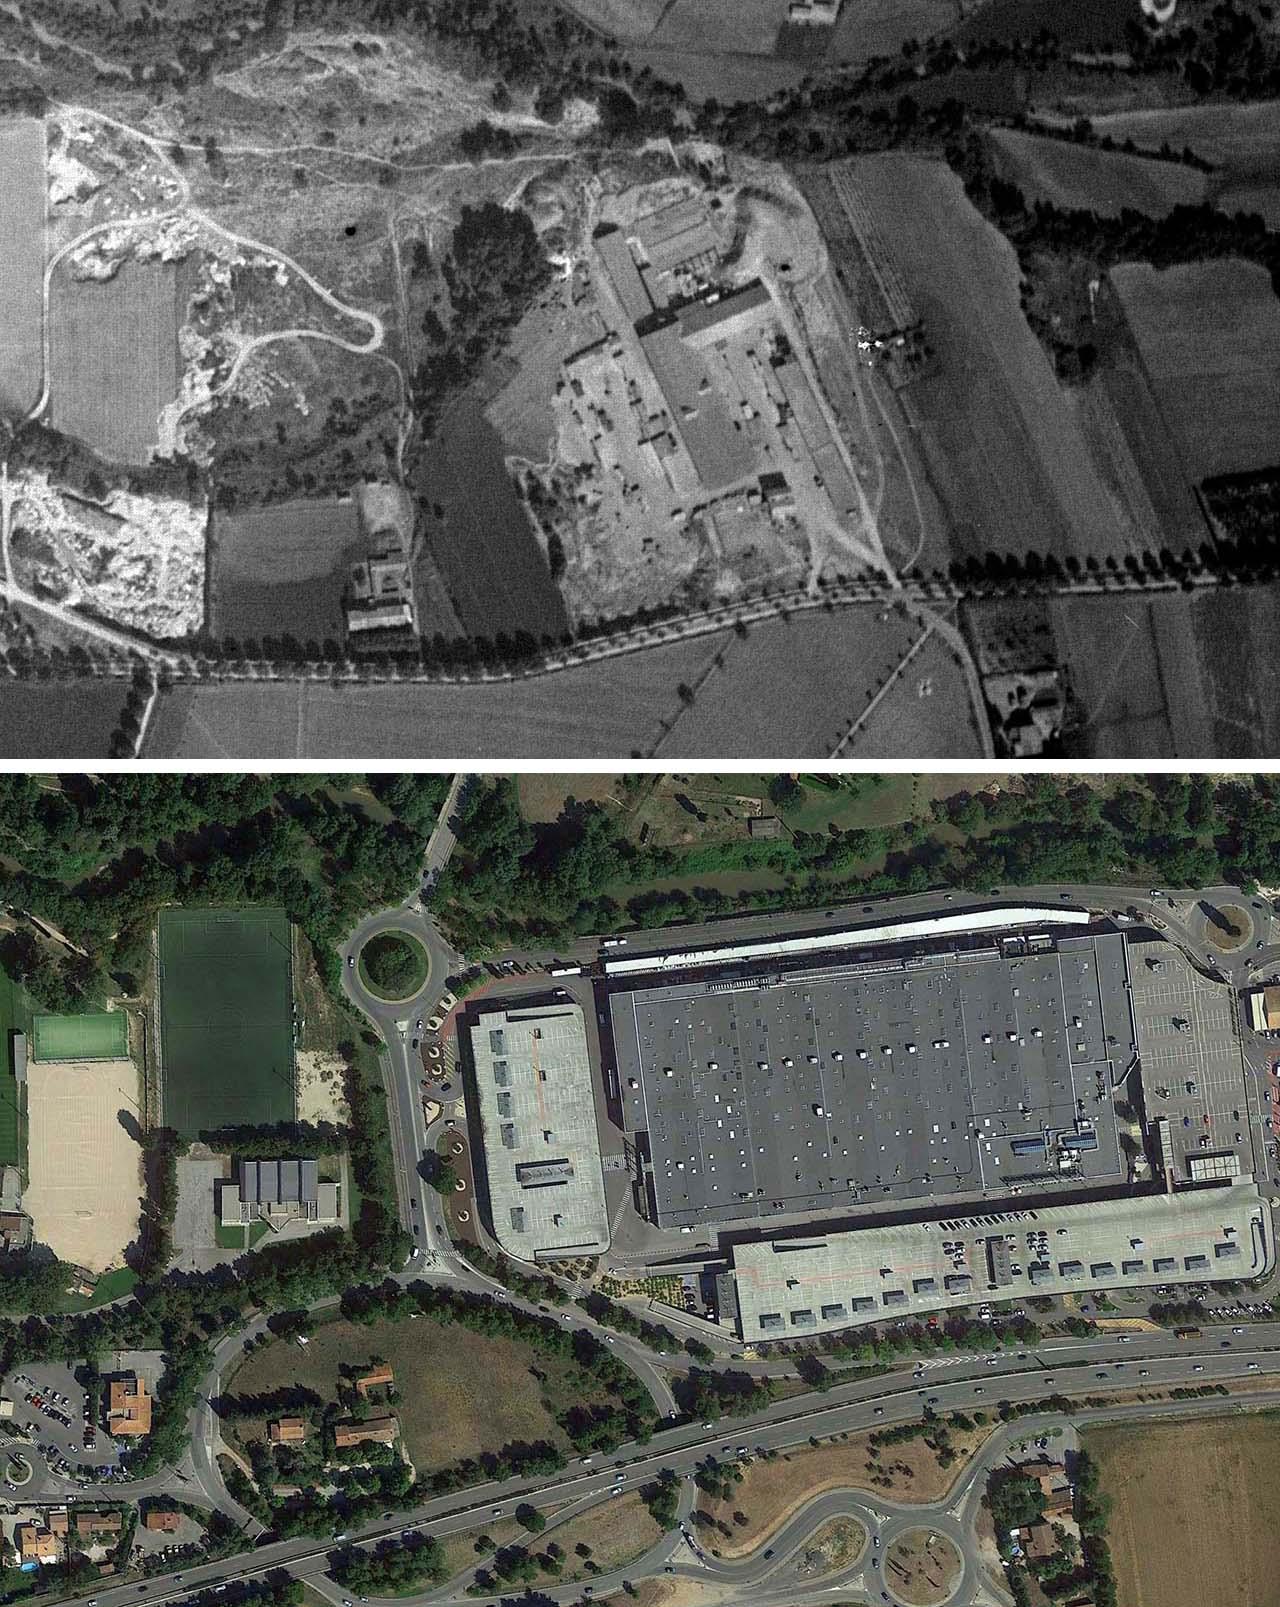 L'ancienne tuilerie en 1933 et de nos jours - Photo du haut : © IGN GEOPORTAIL 1933/ Photo du bas © Google Earth